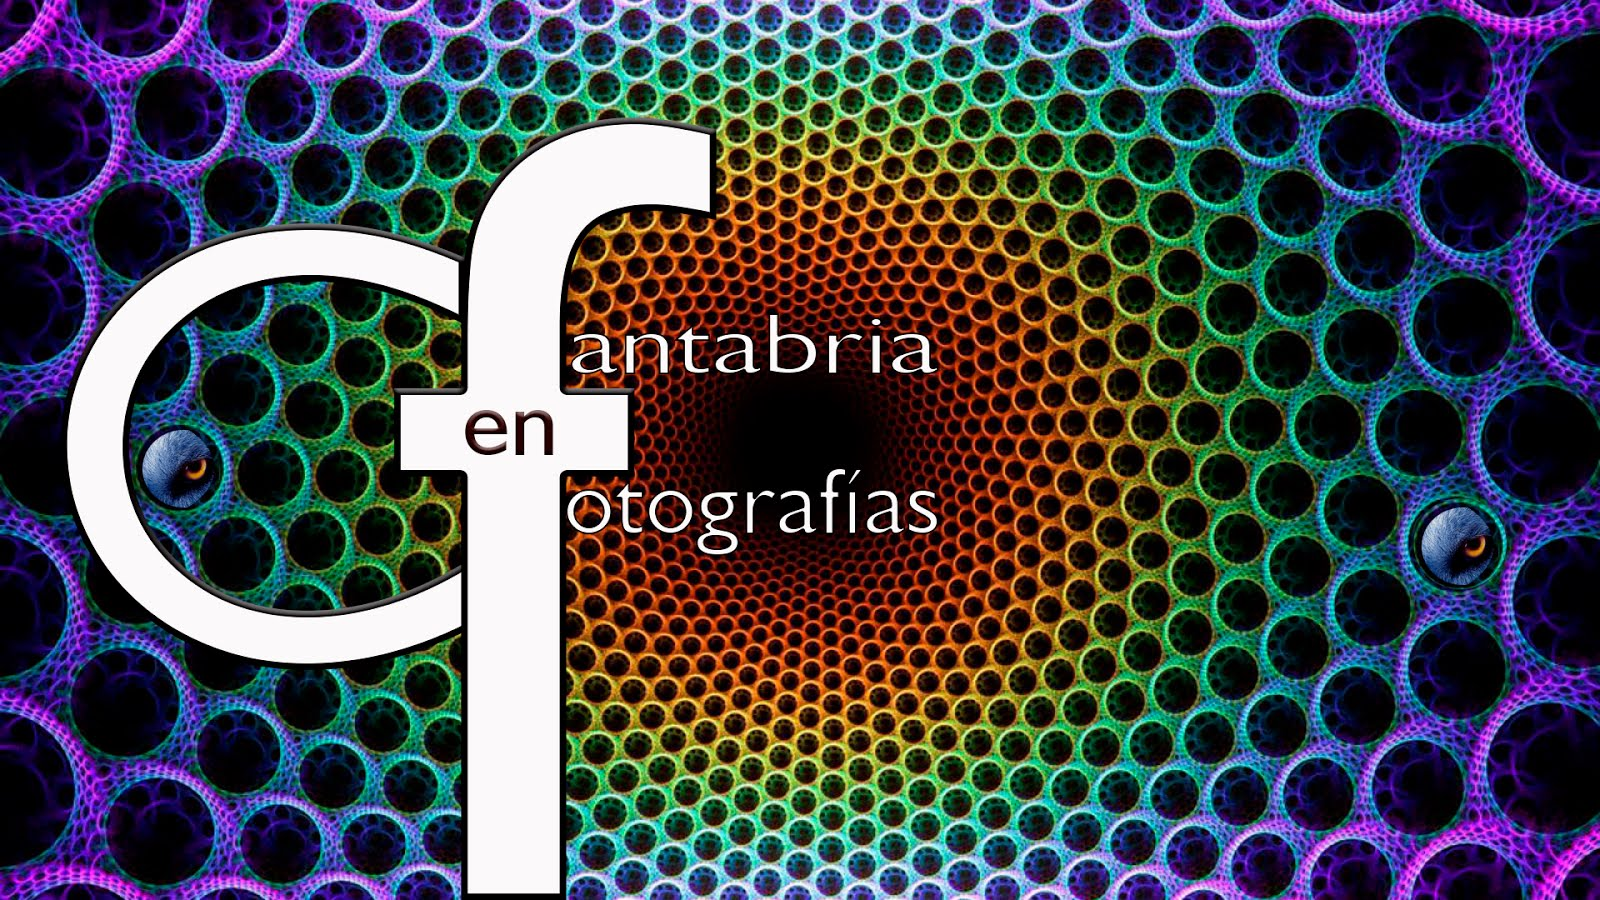 CANTABRIA EN FOTOGRAFÍAS